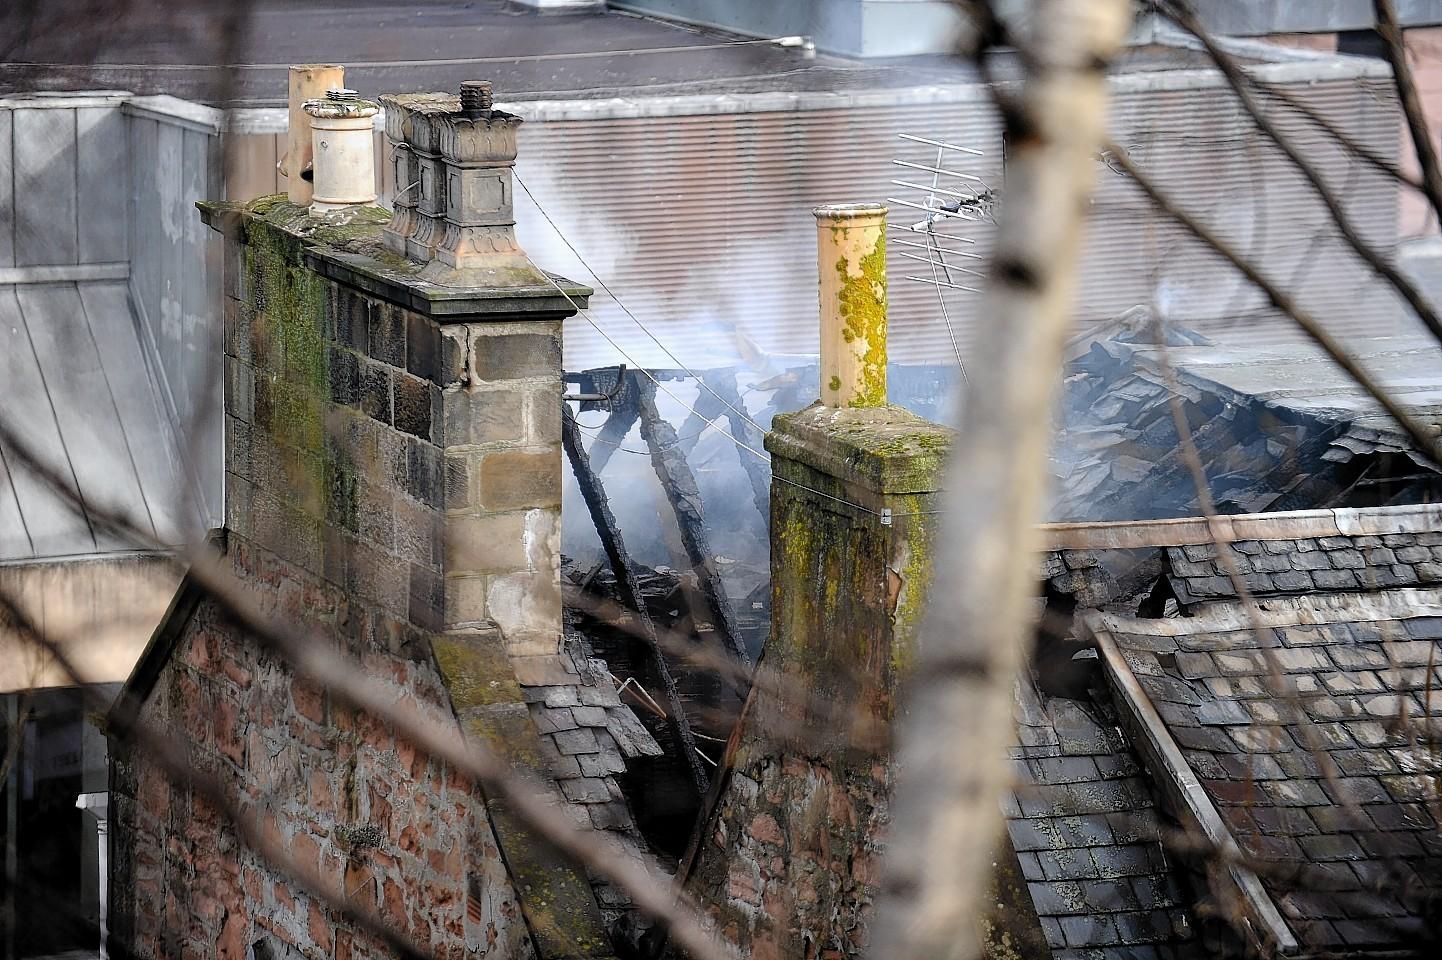 Date set for demolition of Inverness' Eastgate Hostel